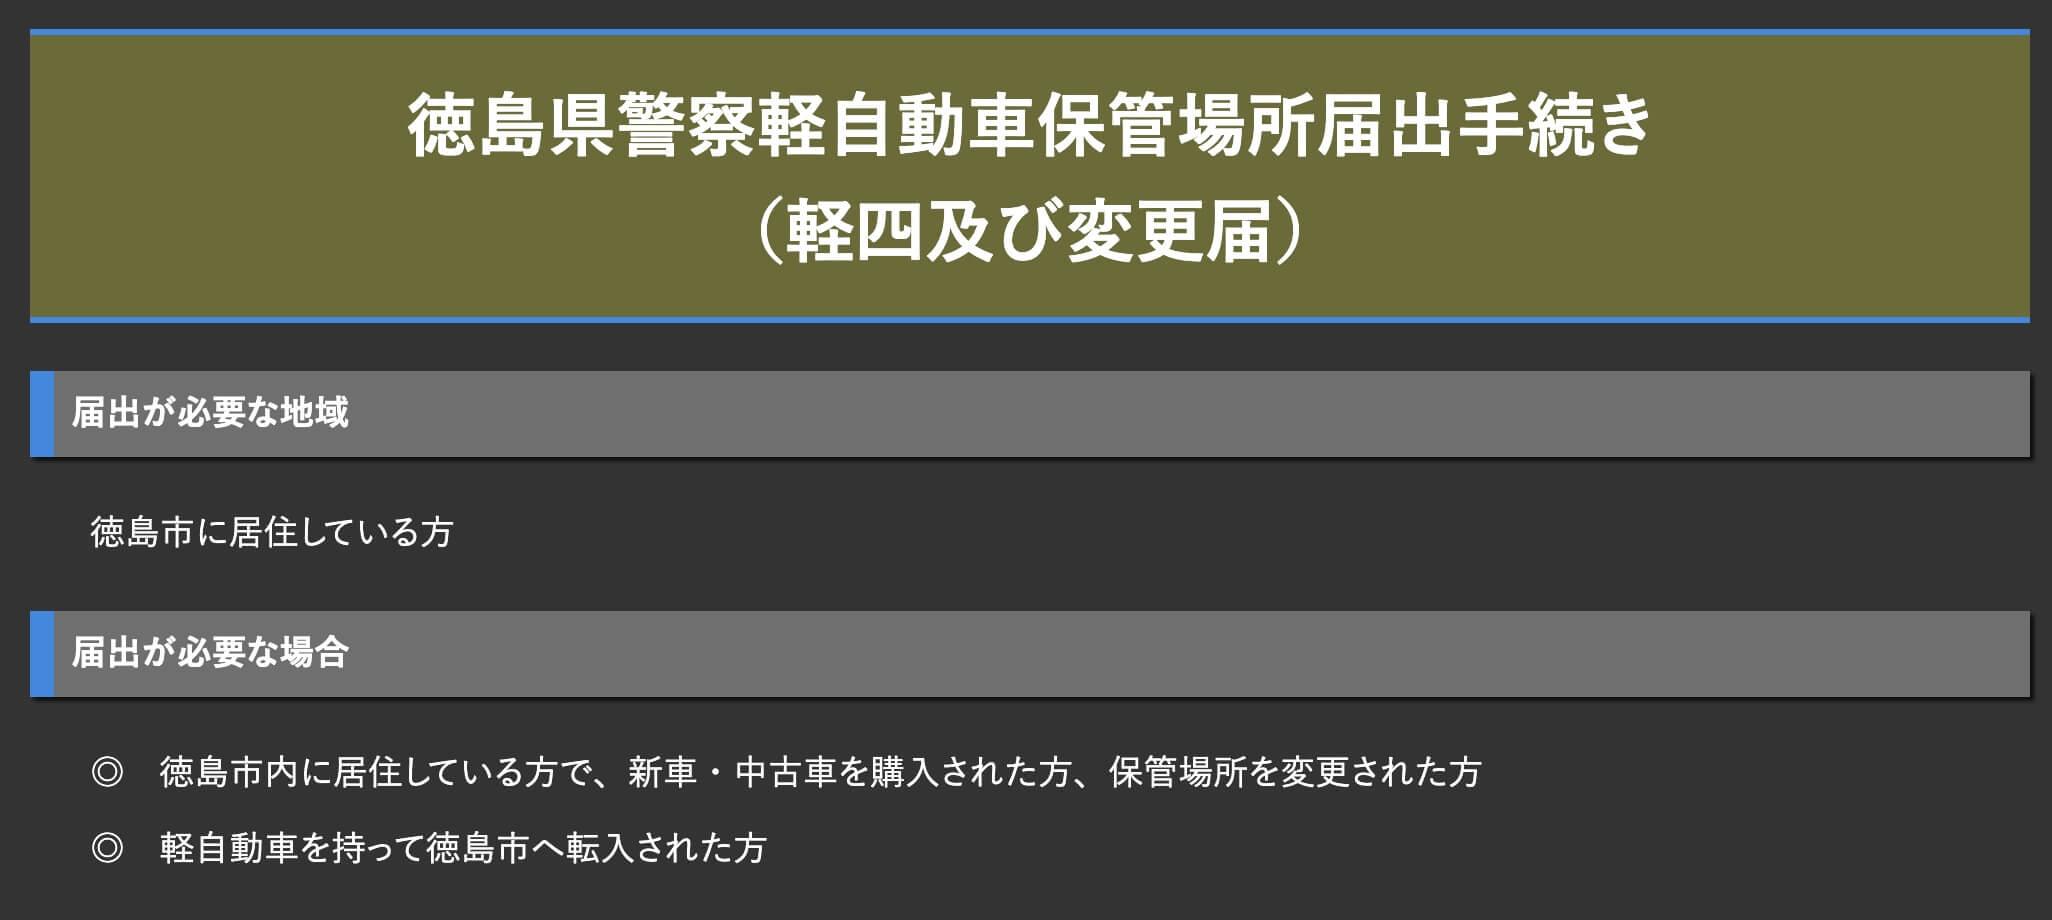 徳島県の軽自動車車庫証明